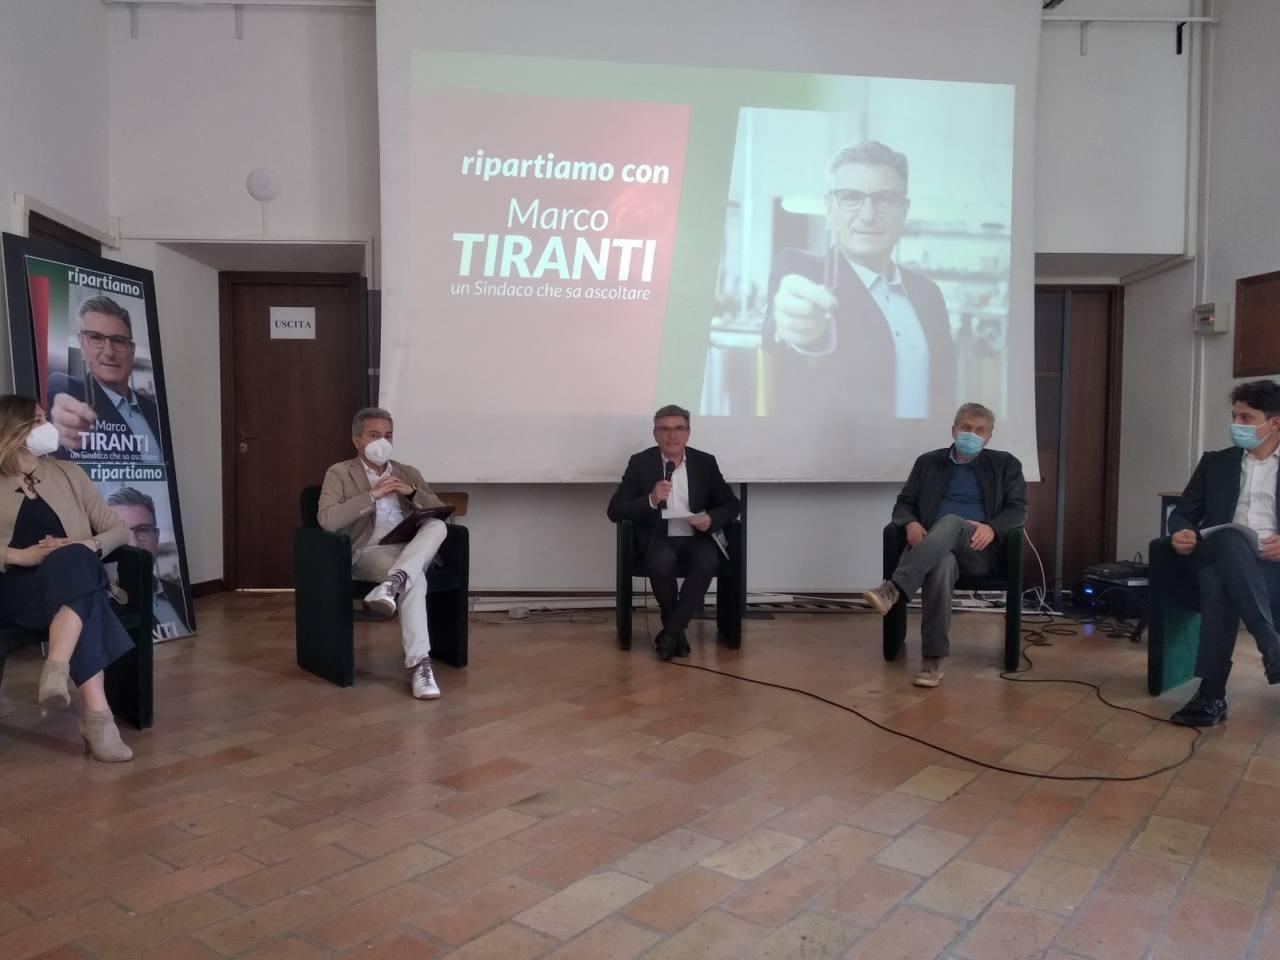 La conferenza stampa per Tiranti sindaco